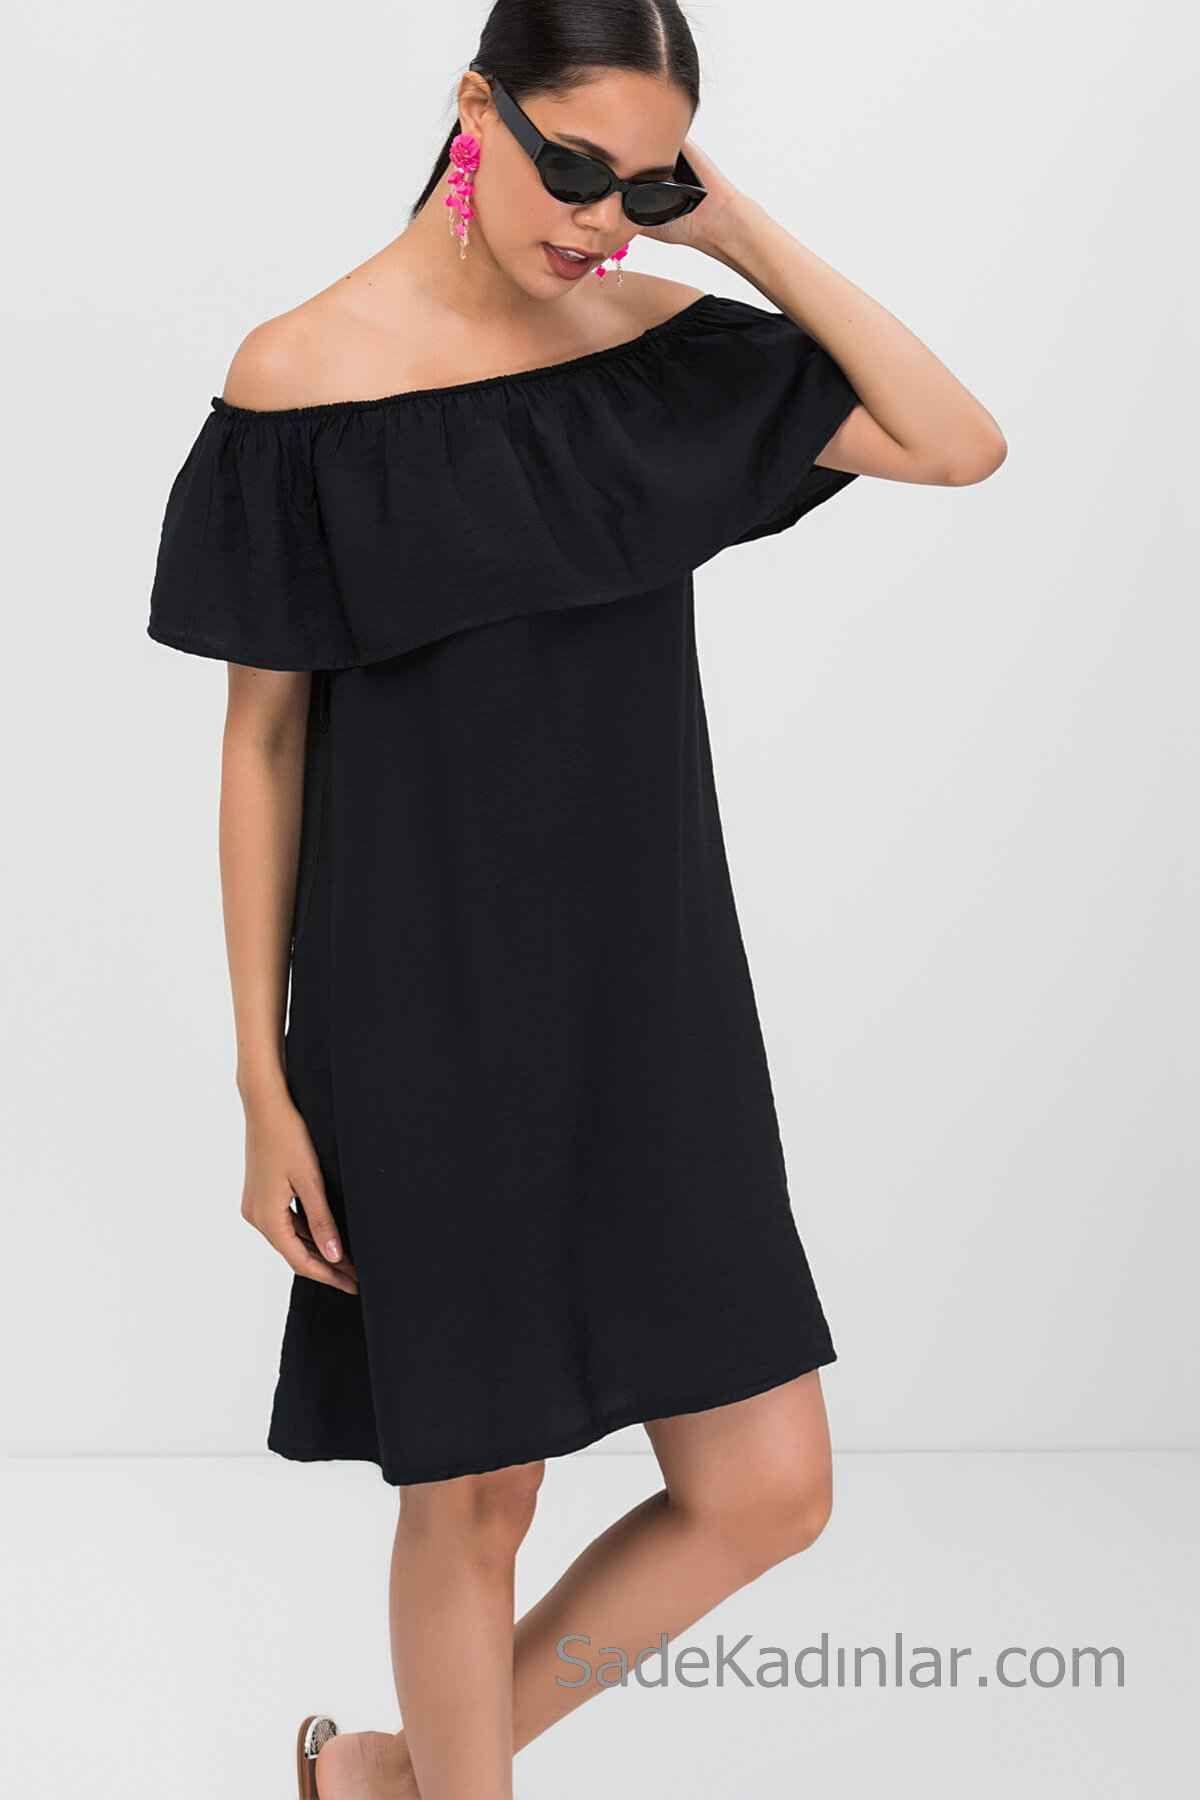 2020 Yaz Icin Gunluk Keten Elbise Modelleri Siyah Kisa Omzu Acik Dusuk Kol Firfirli Yaka Elbise Modelleri Elbise Moda